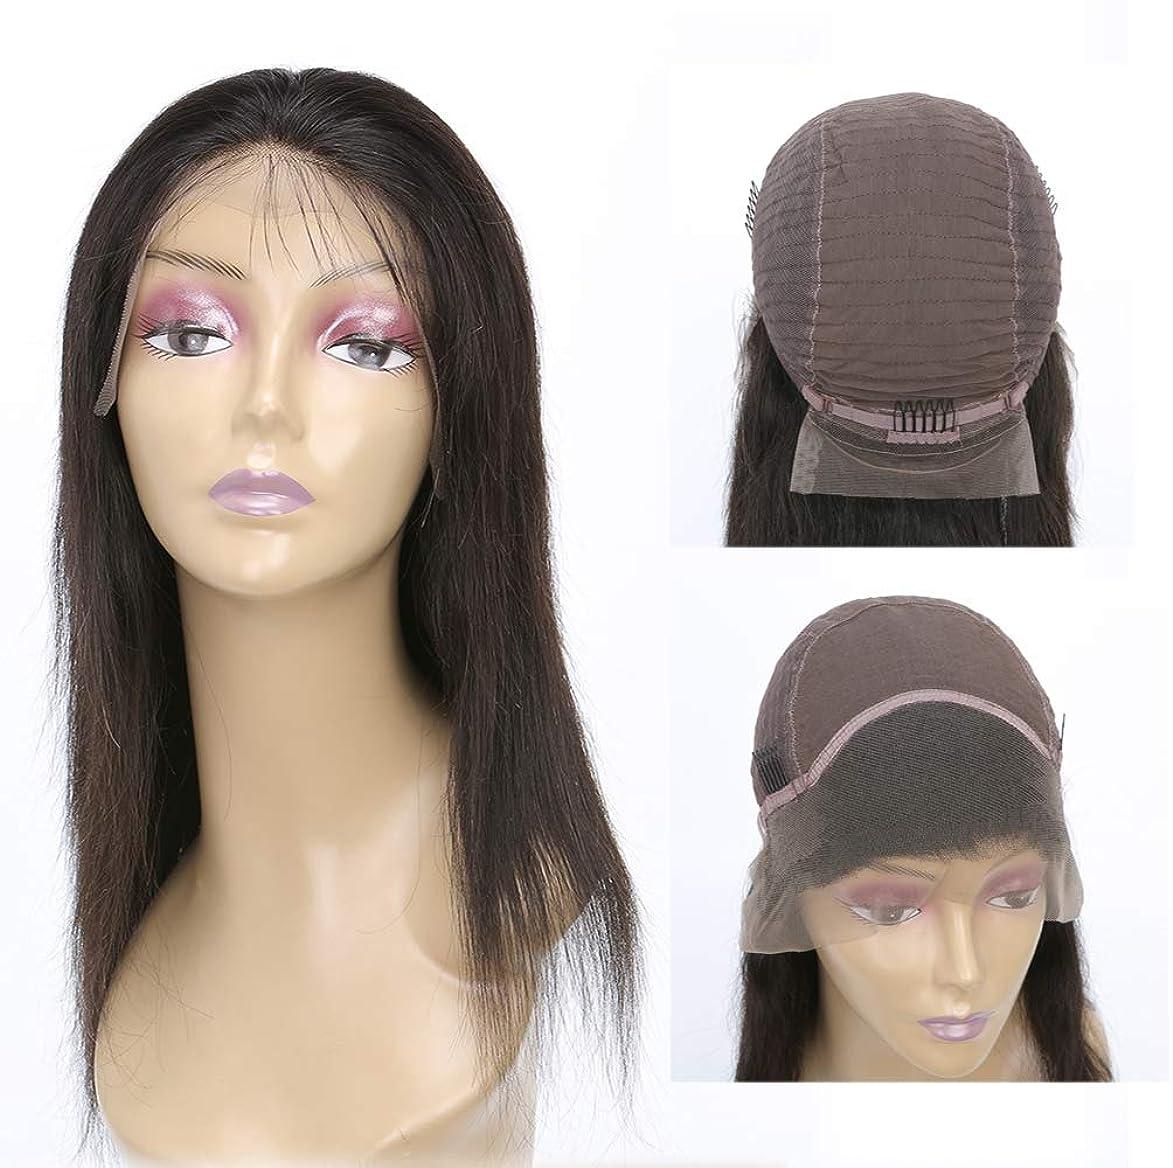 拡大するトリップ化粧女性150%密度レミー人間の髪の毛のレースのフロントかつらで自然なストレートブラジル髪のかつら